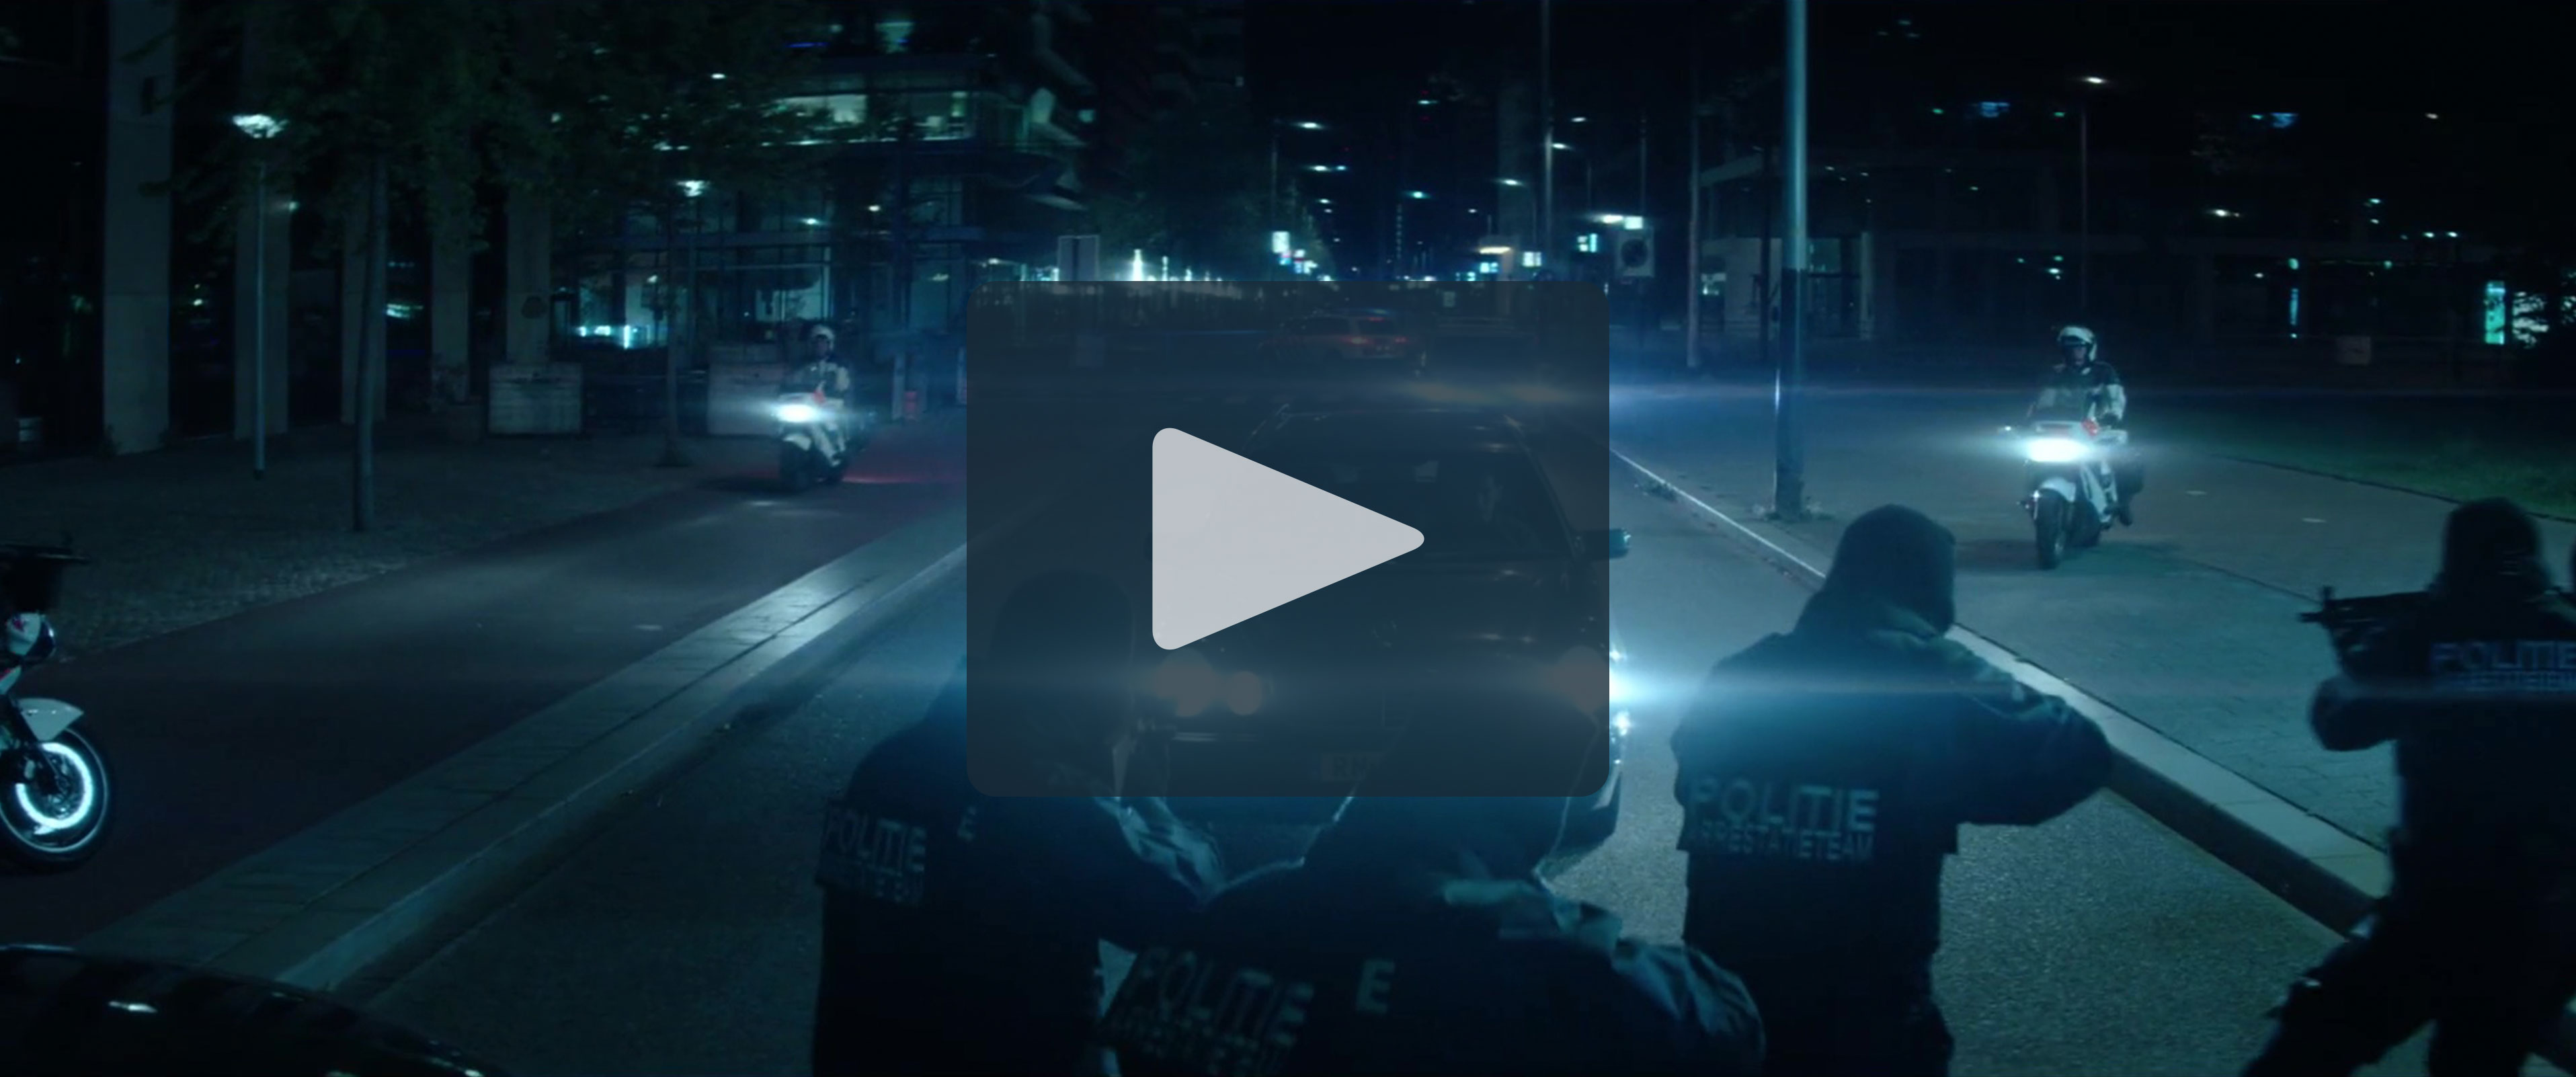 The Resistance Banker (2017) - Trailer